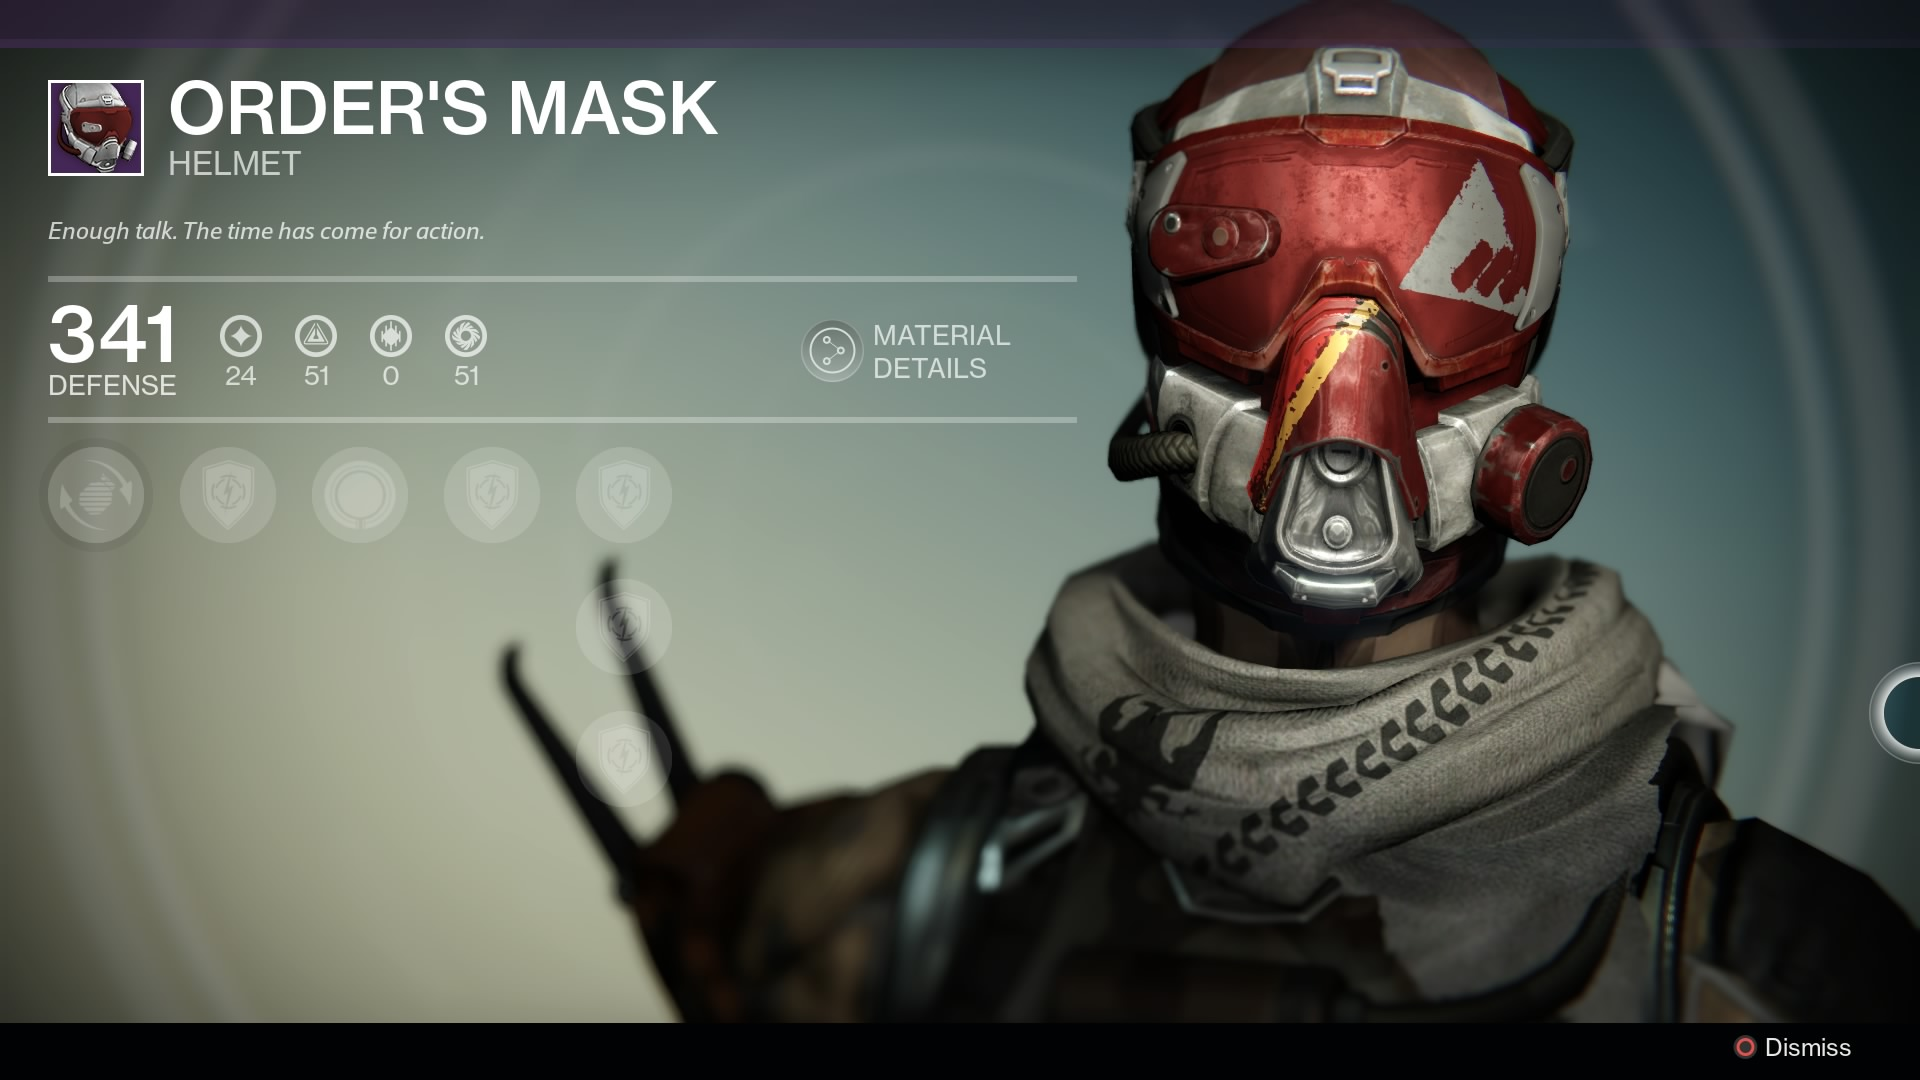 Order's Mask